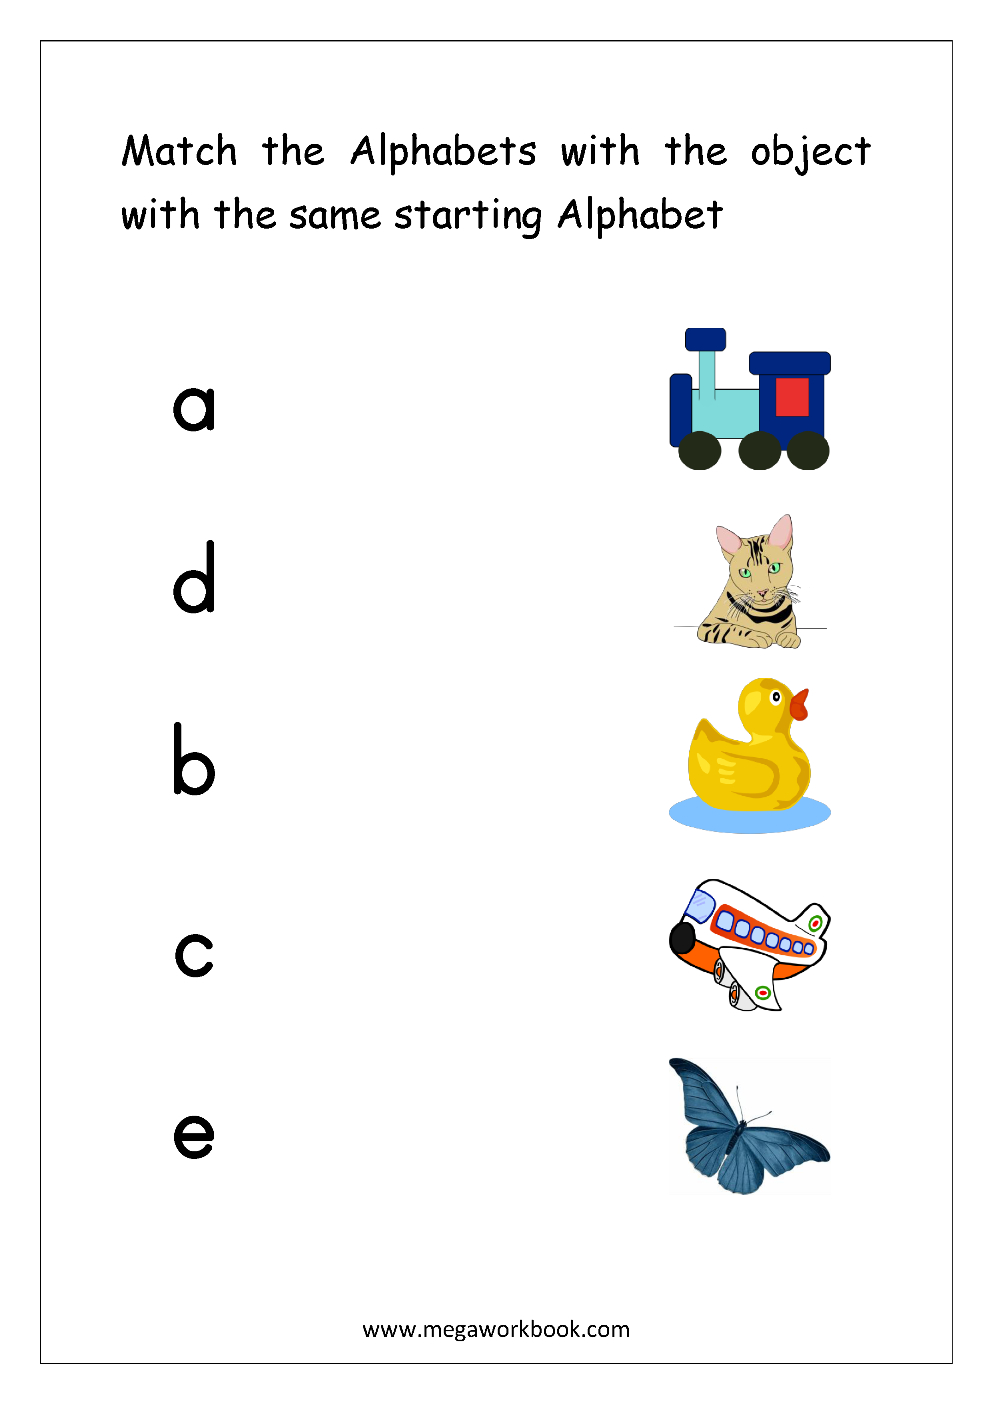 English Worksheets - Alphabet Matching | Alphabet Matching in Alphabet Matching Worksheets For Kindergarten